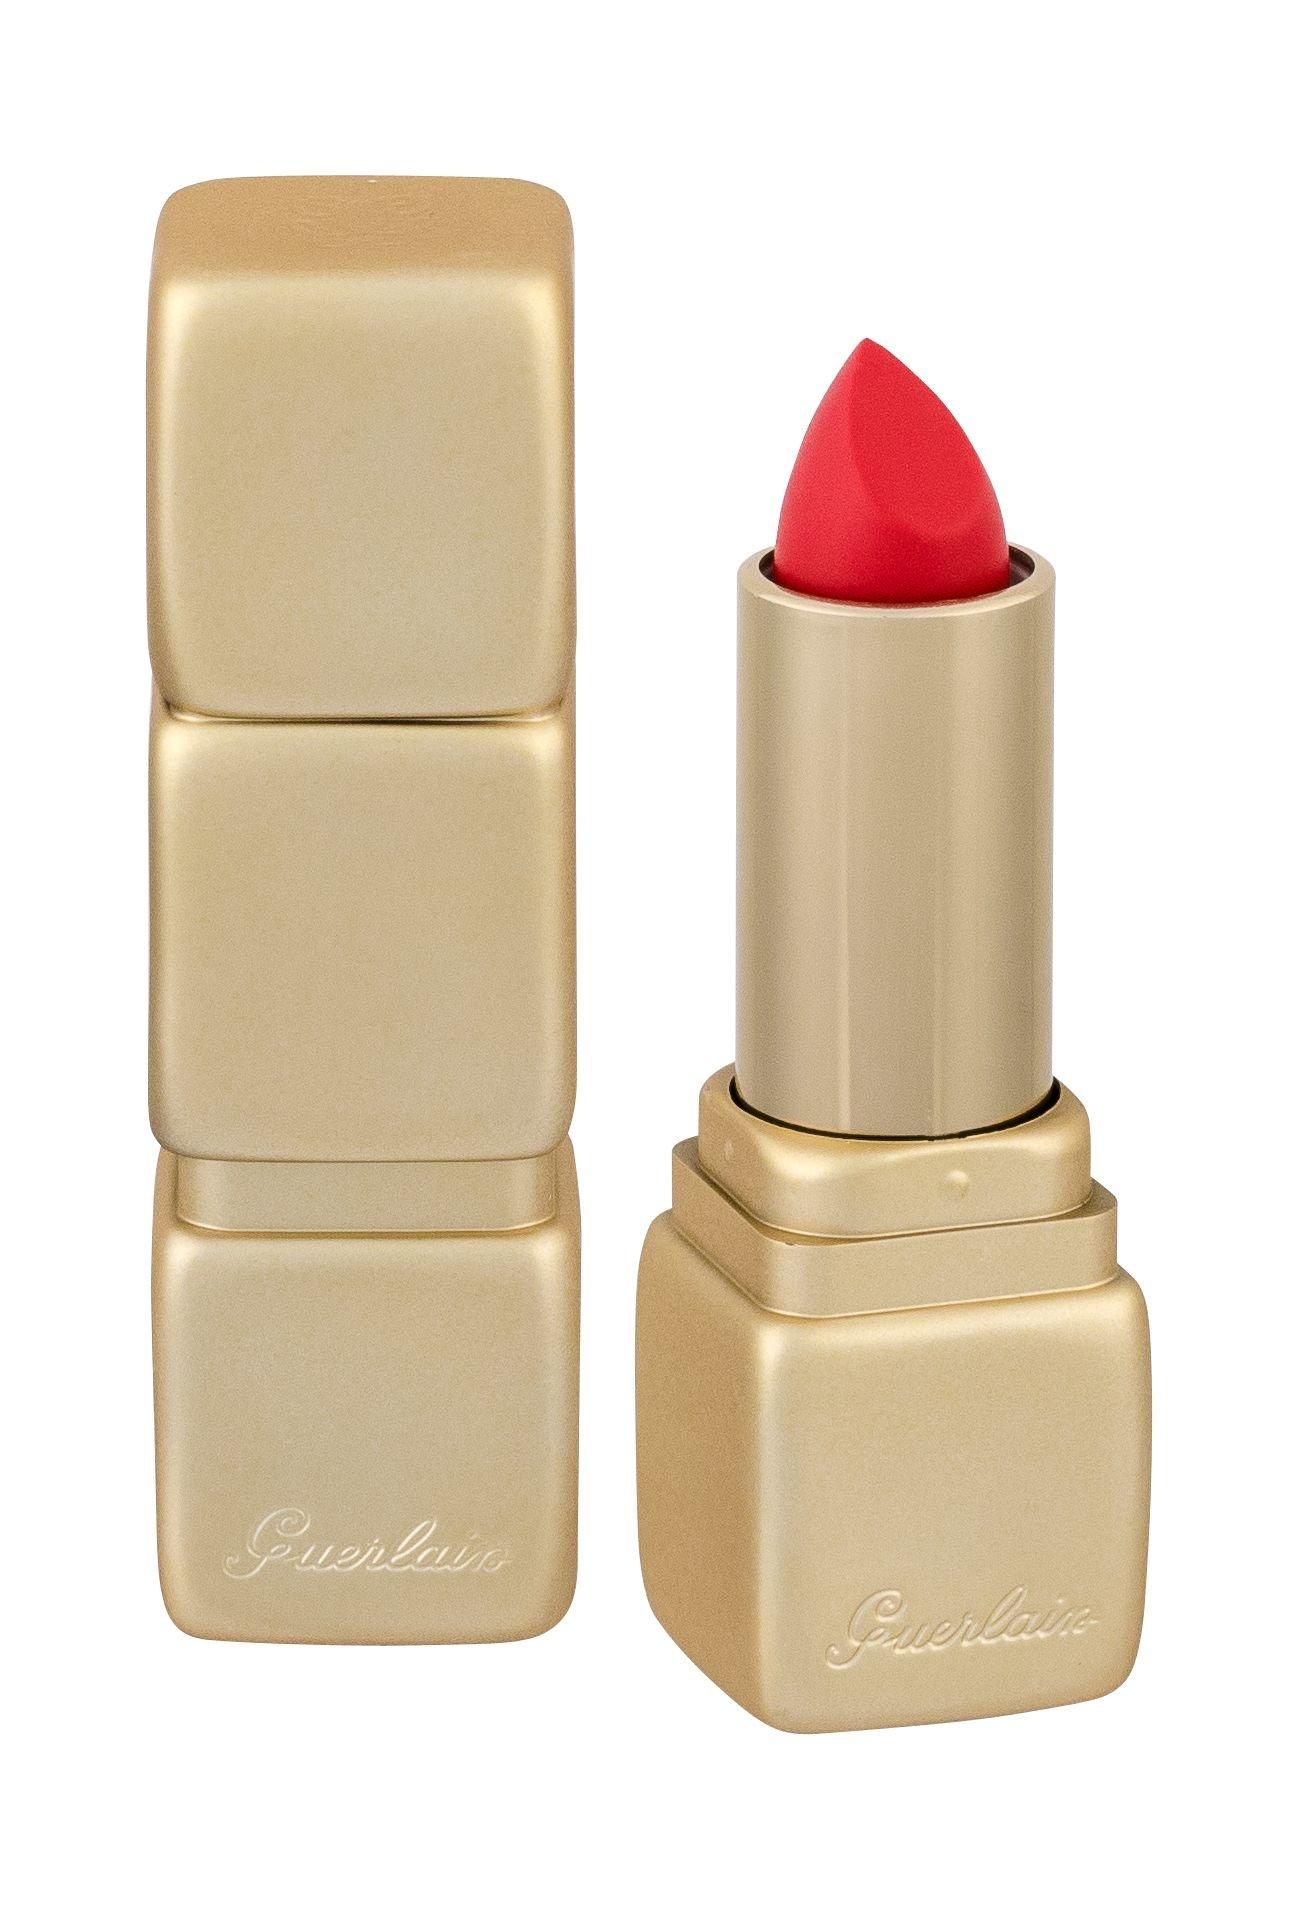 Guerlain KissKiss Lipstick 3,5ml M347 Zesty Orange